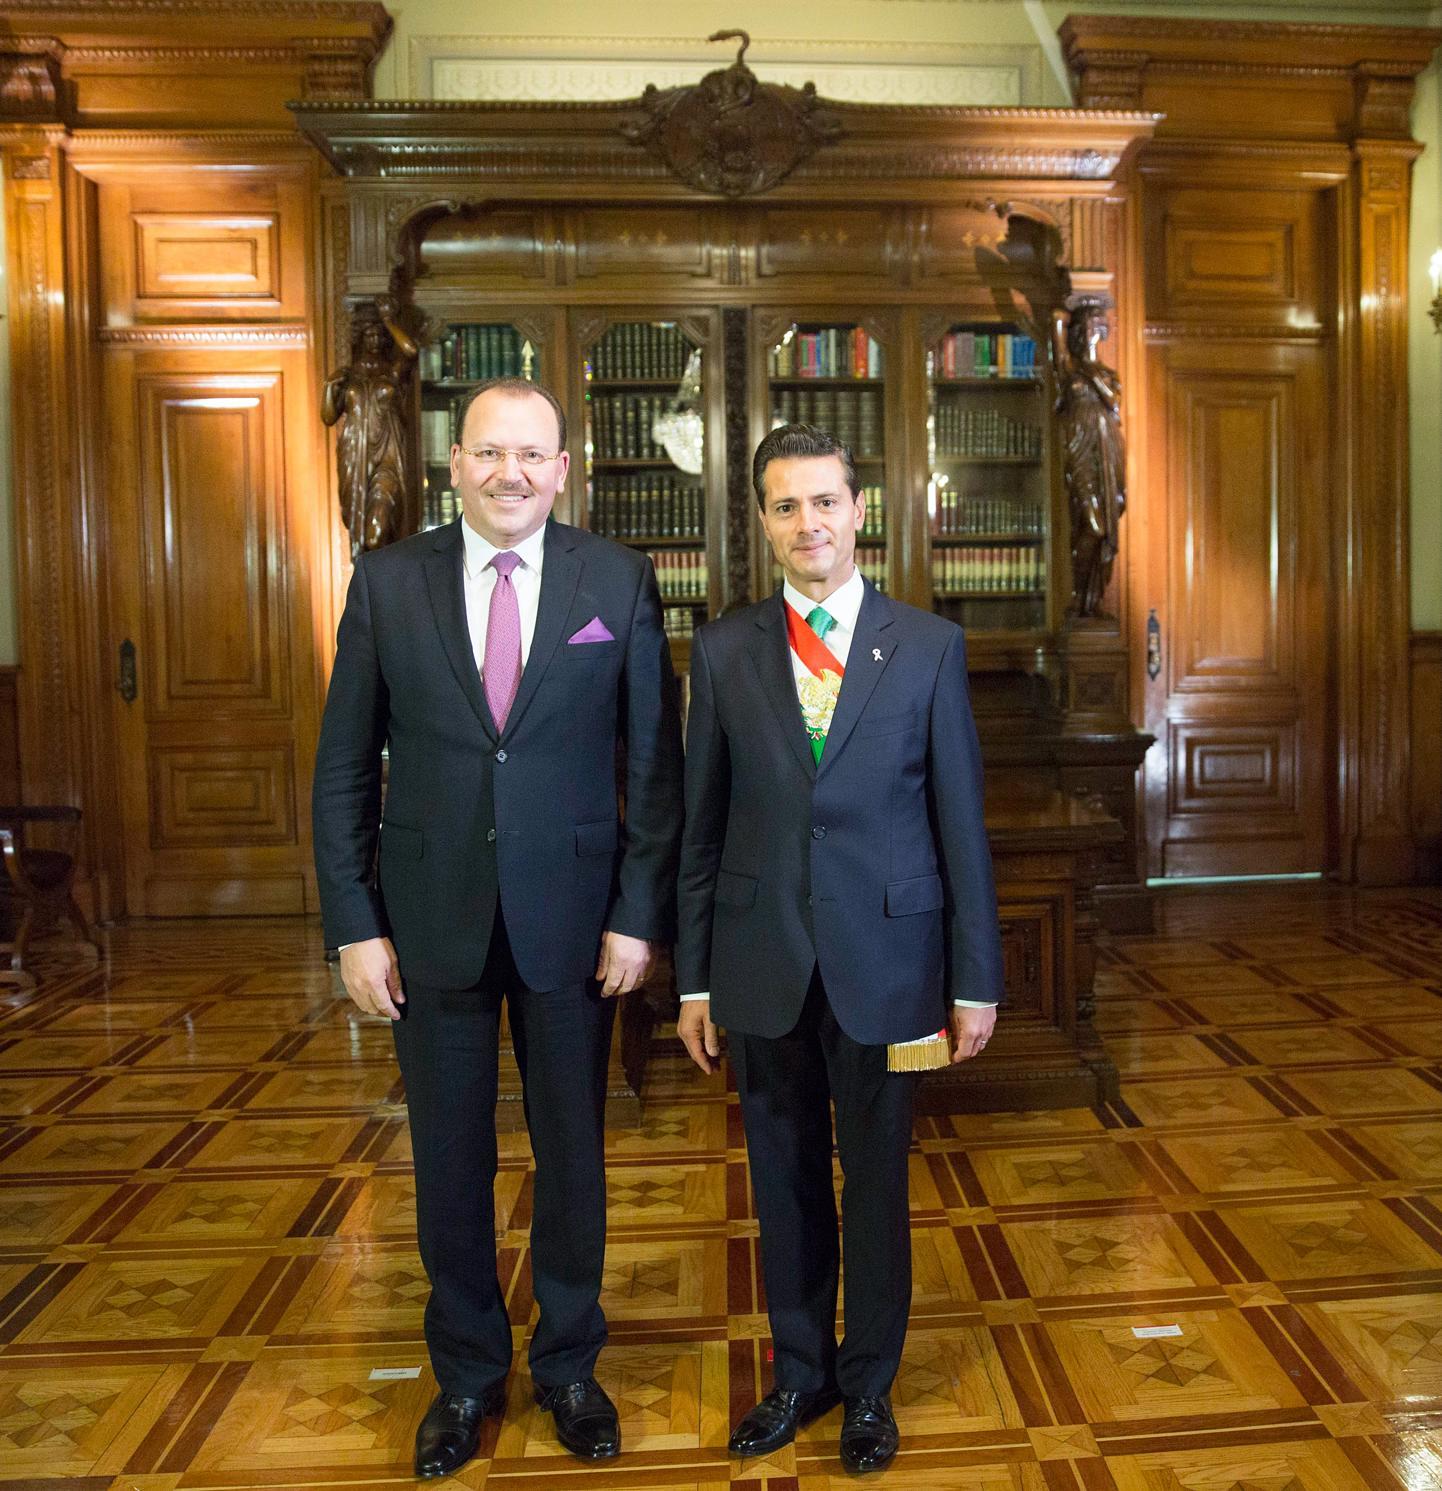 El Primer Mandatario con el señor Faycal Gouia, Embajador de la República de Túnez.